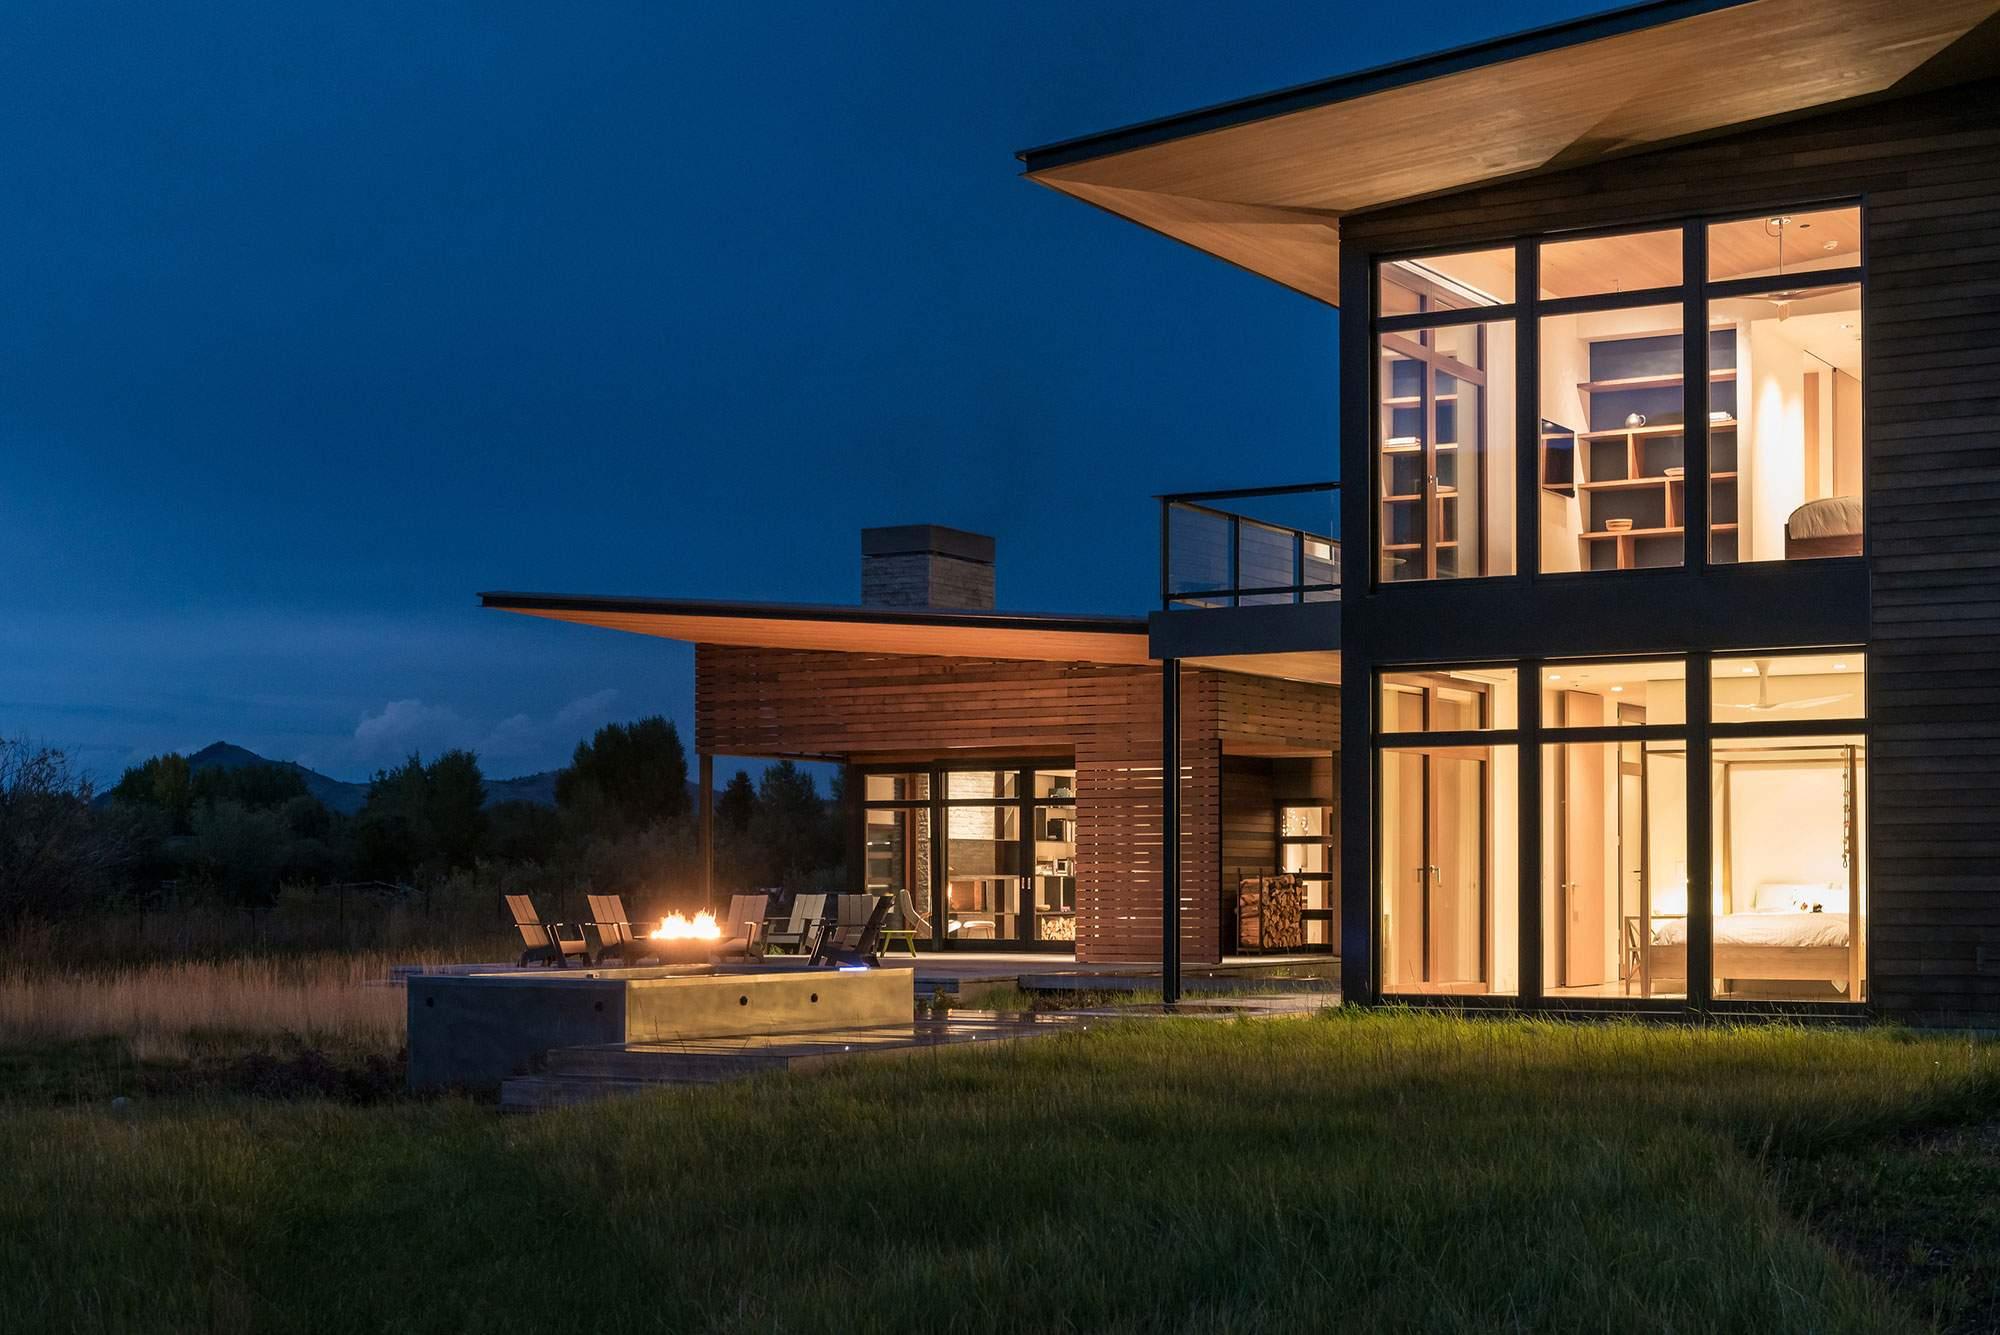 Загородный дом у подножия горного хребта в США